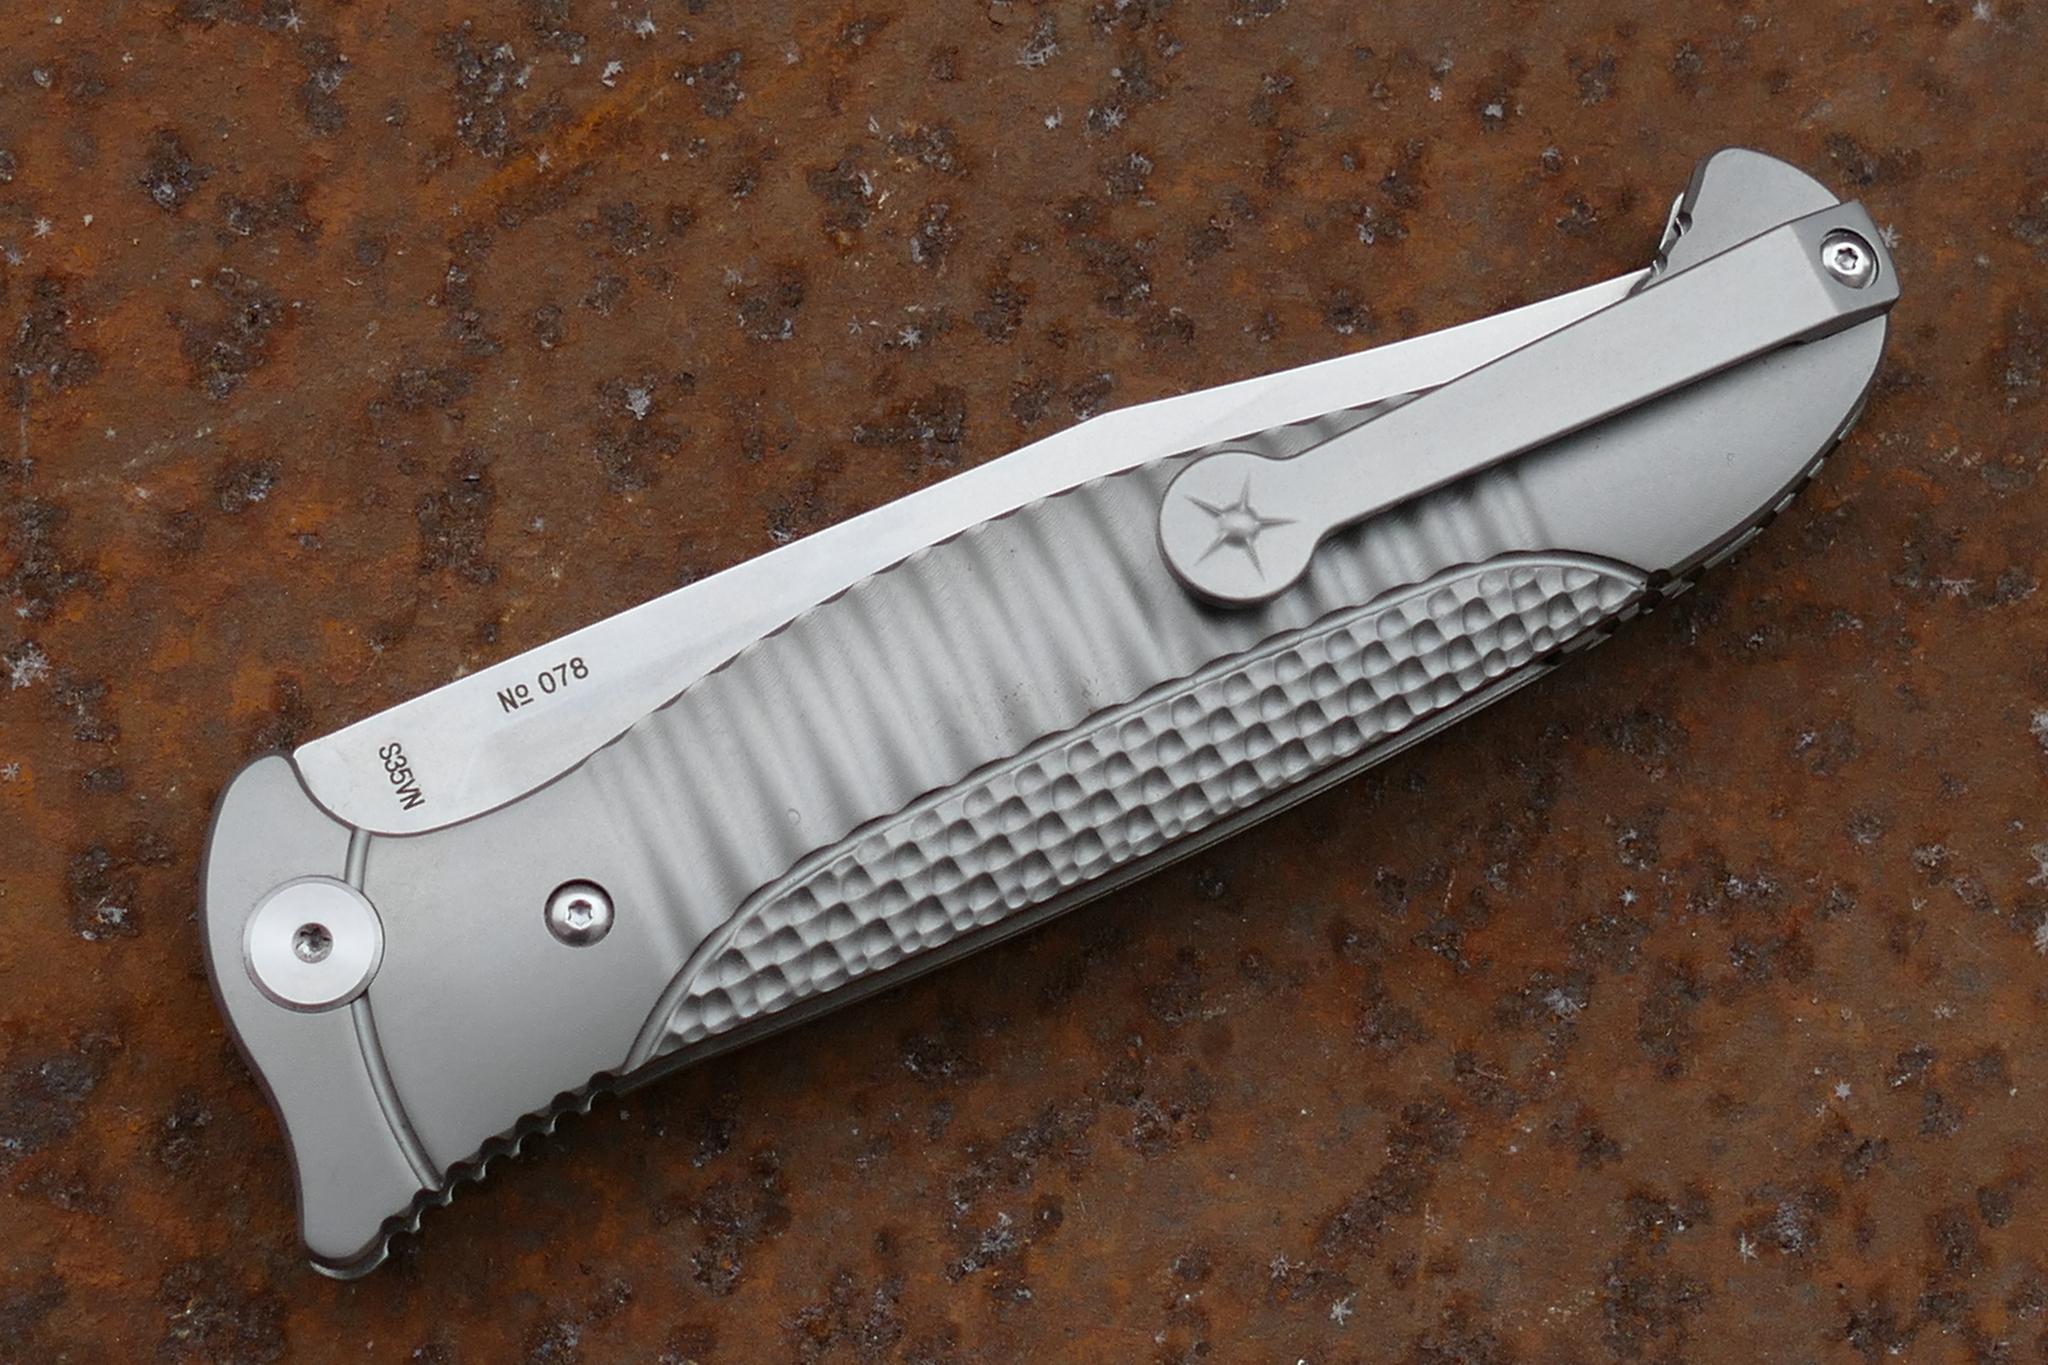 Фото 3 - Складной нож Финка-3, S35VN от Reptilian